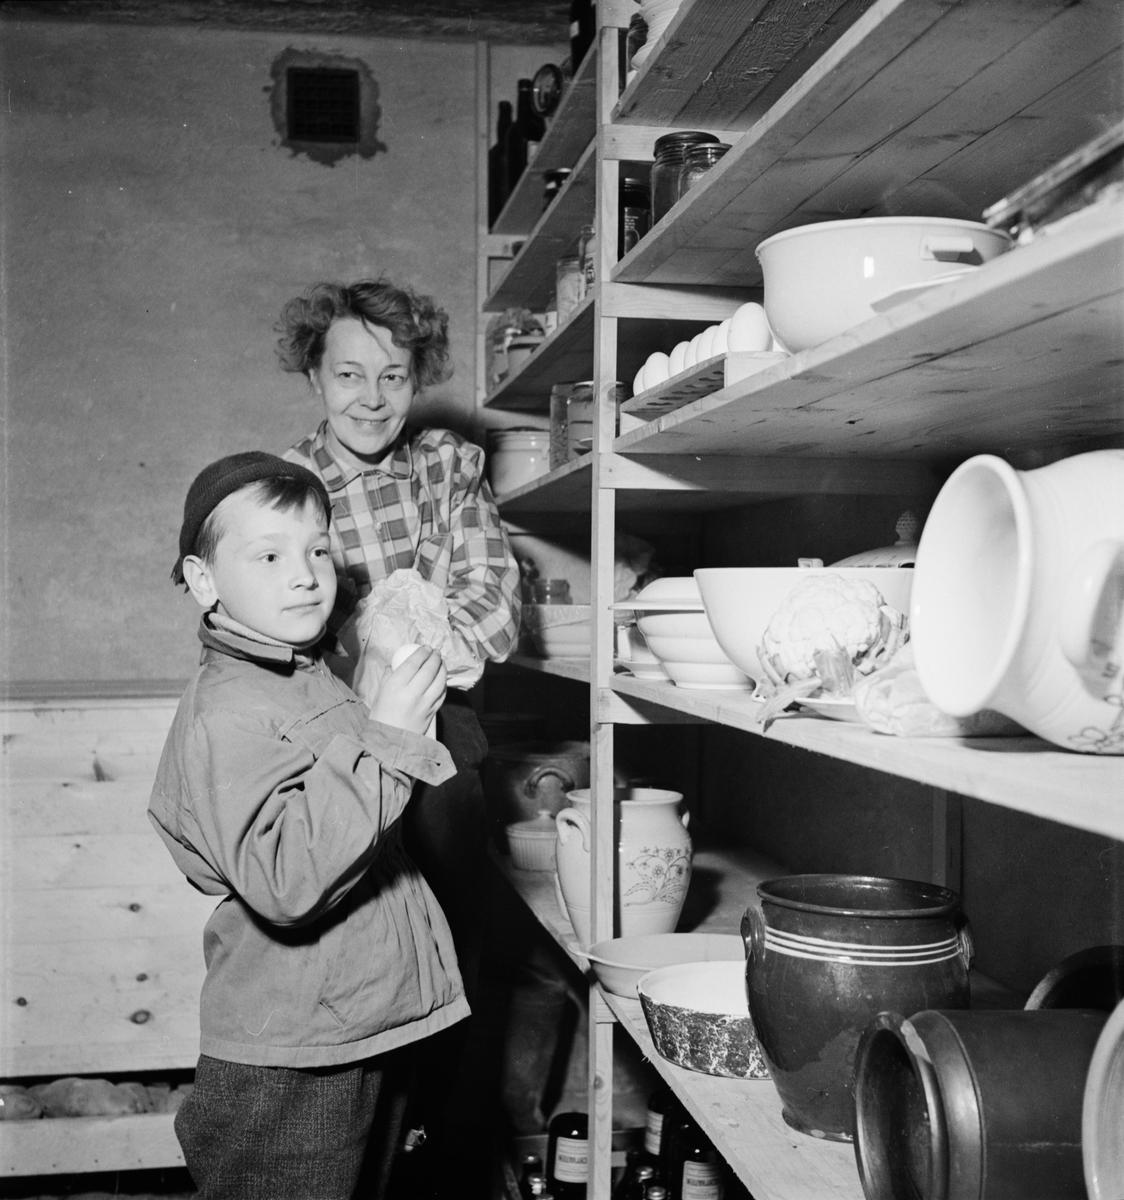 Matkällaren vid urmakare Hemlins sommarstuga, sannolikt Uppland, 1953